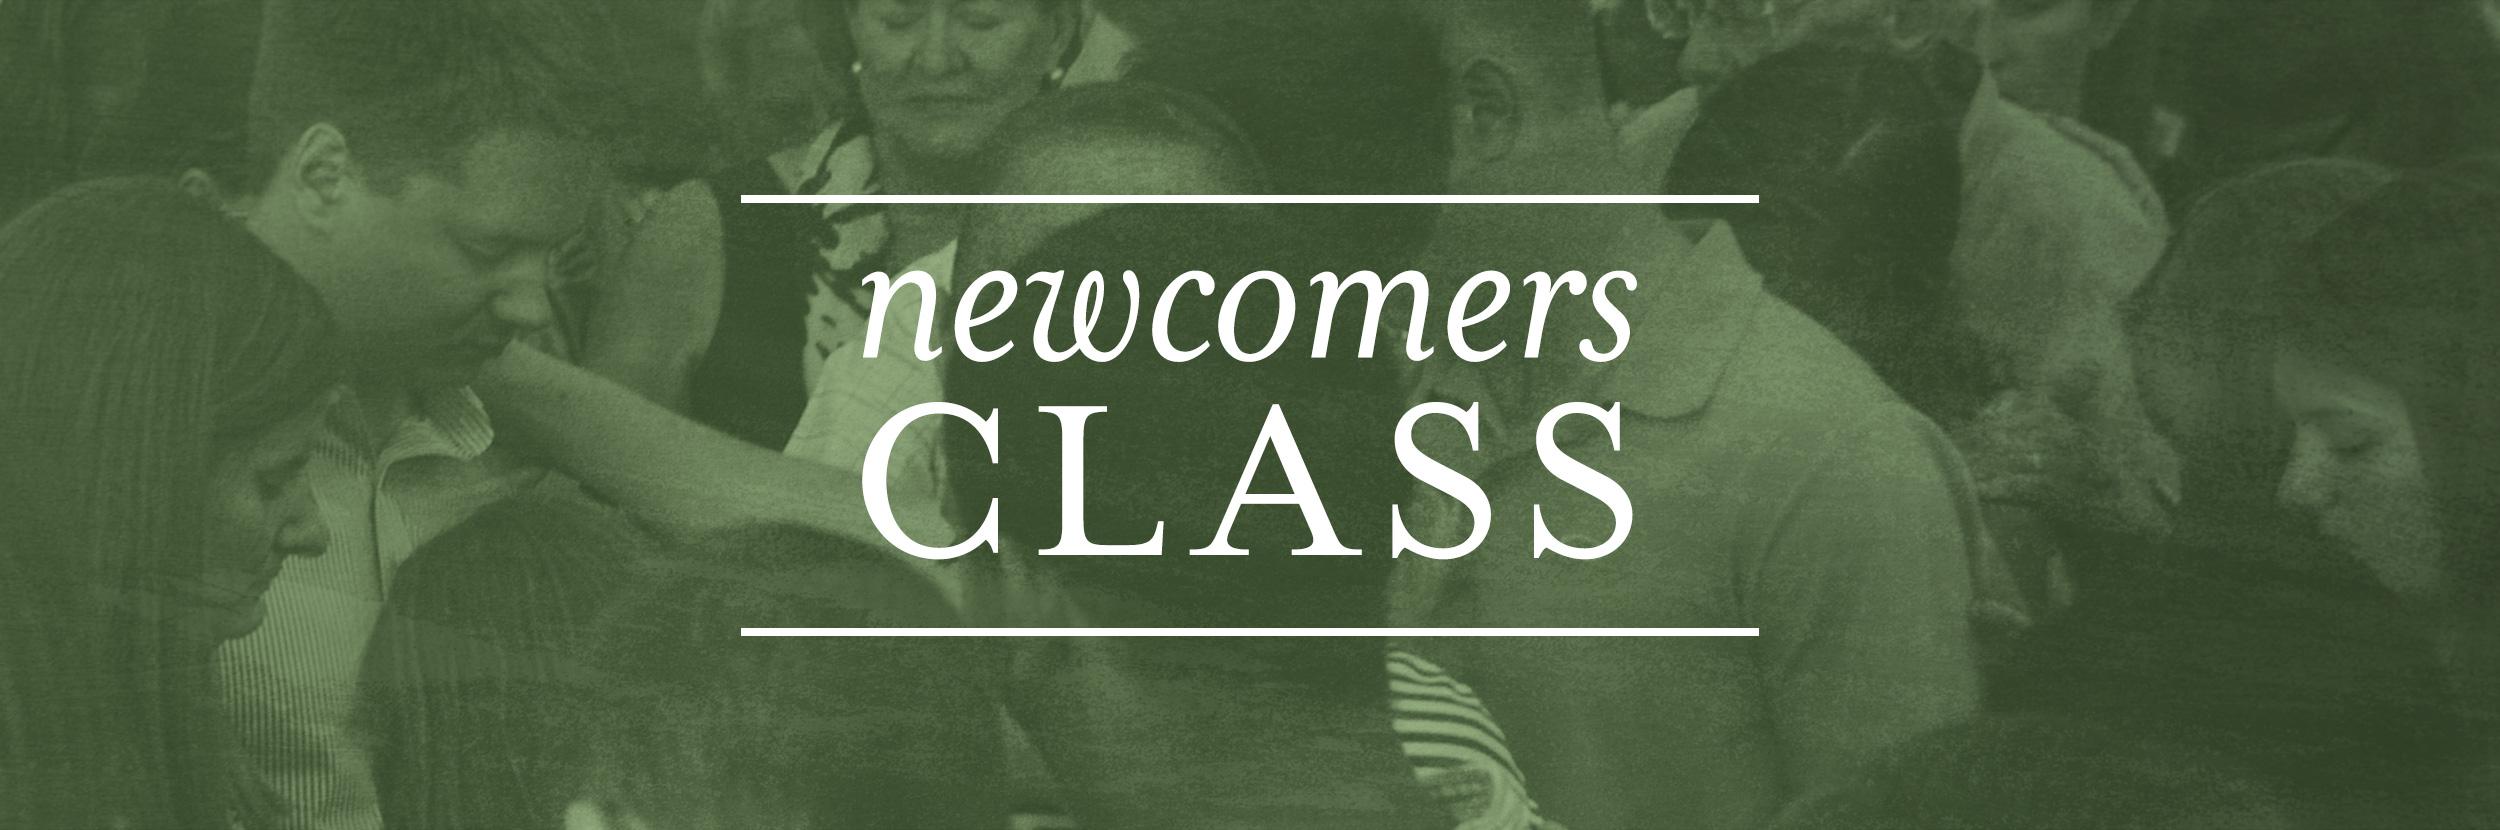 newcomers-class-banner.jpg